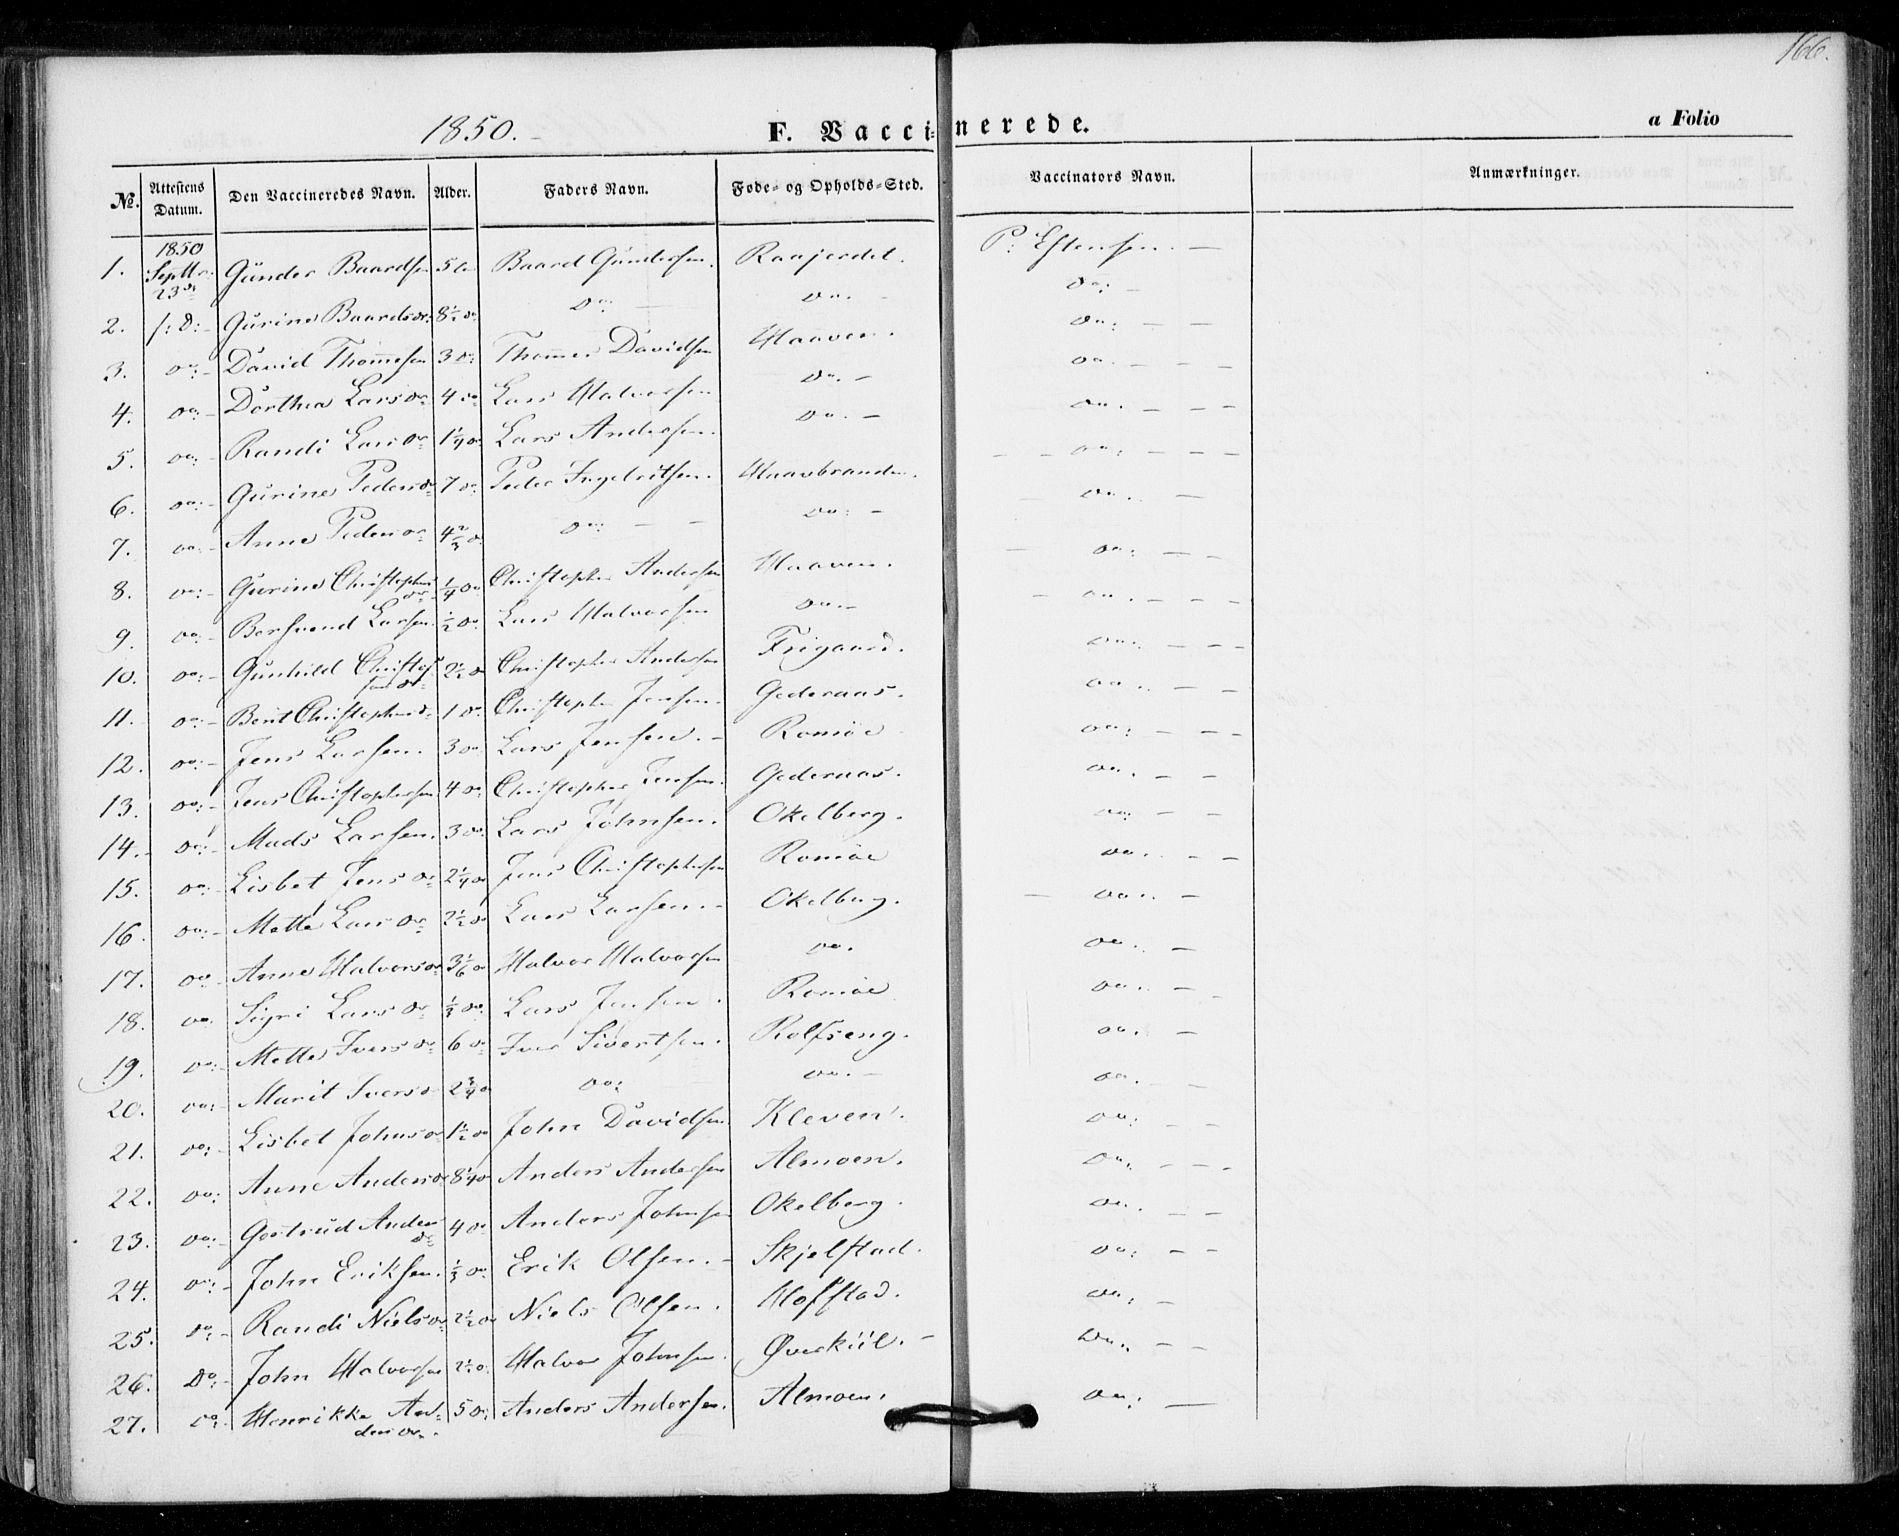 SAT, Ministerialprotokoller, klokkerbøker og fødselsregistre - Nord-Trøndelag, 703/L0028: Ministerialbok nr. 703A01, 1850-1862, s. 166